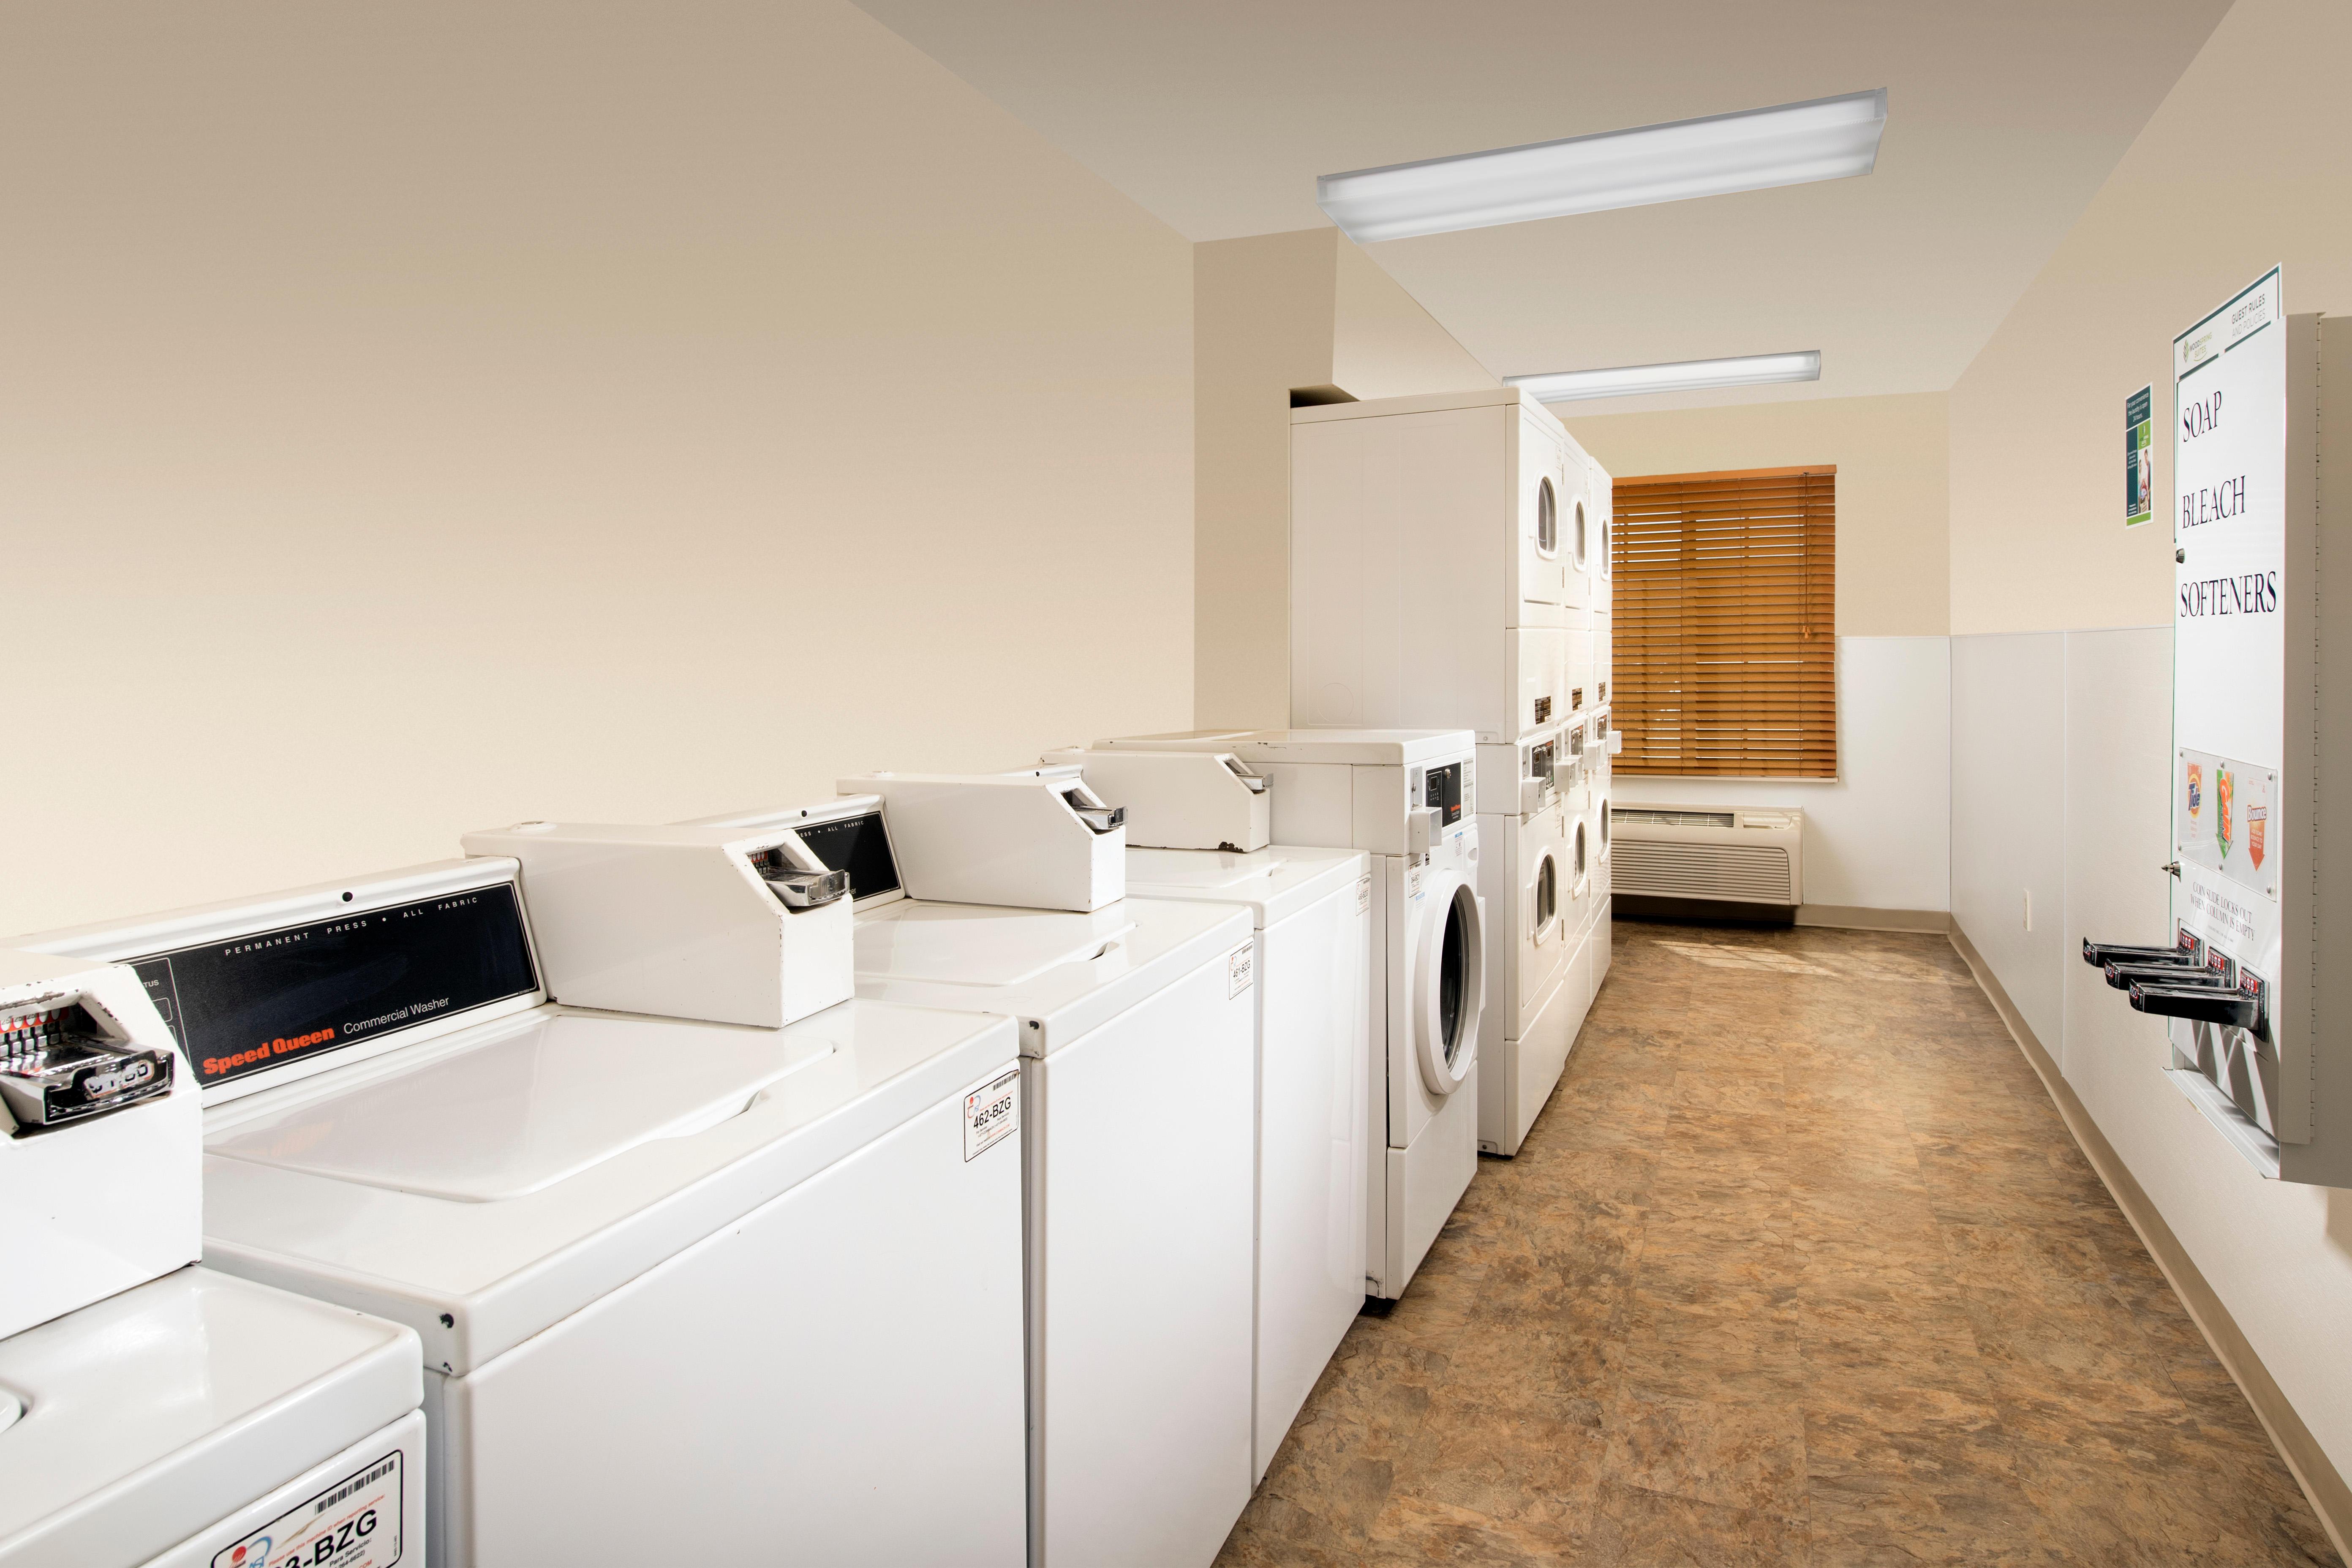 WoodSpring Suites Midland image 12